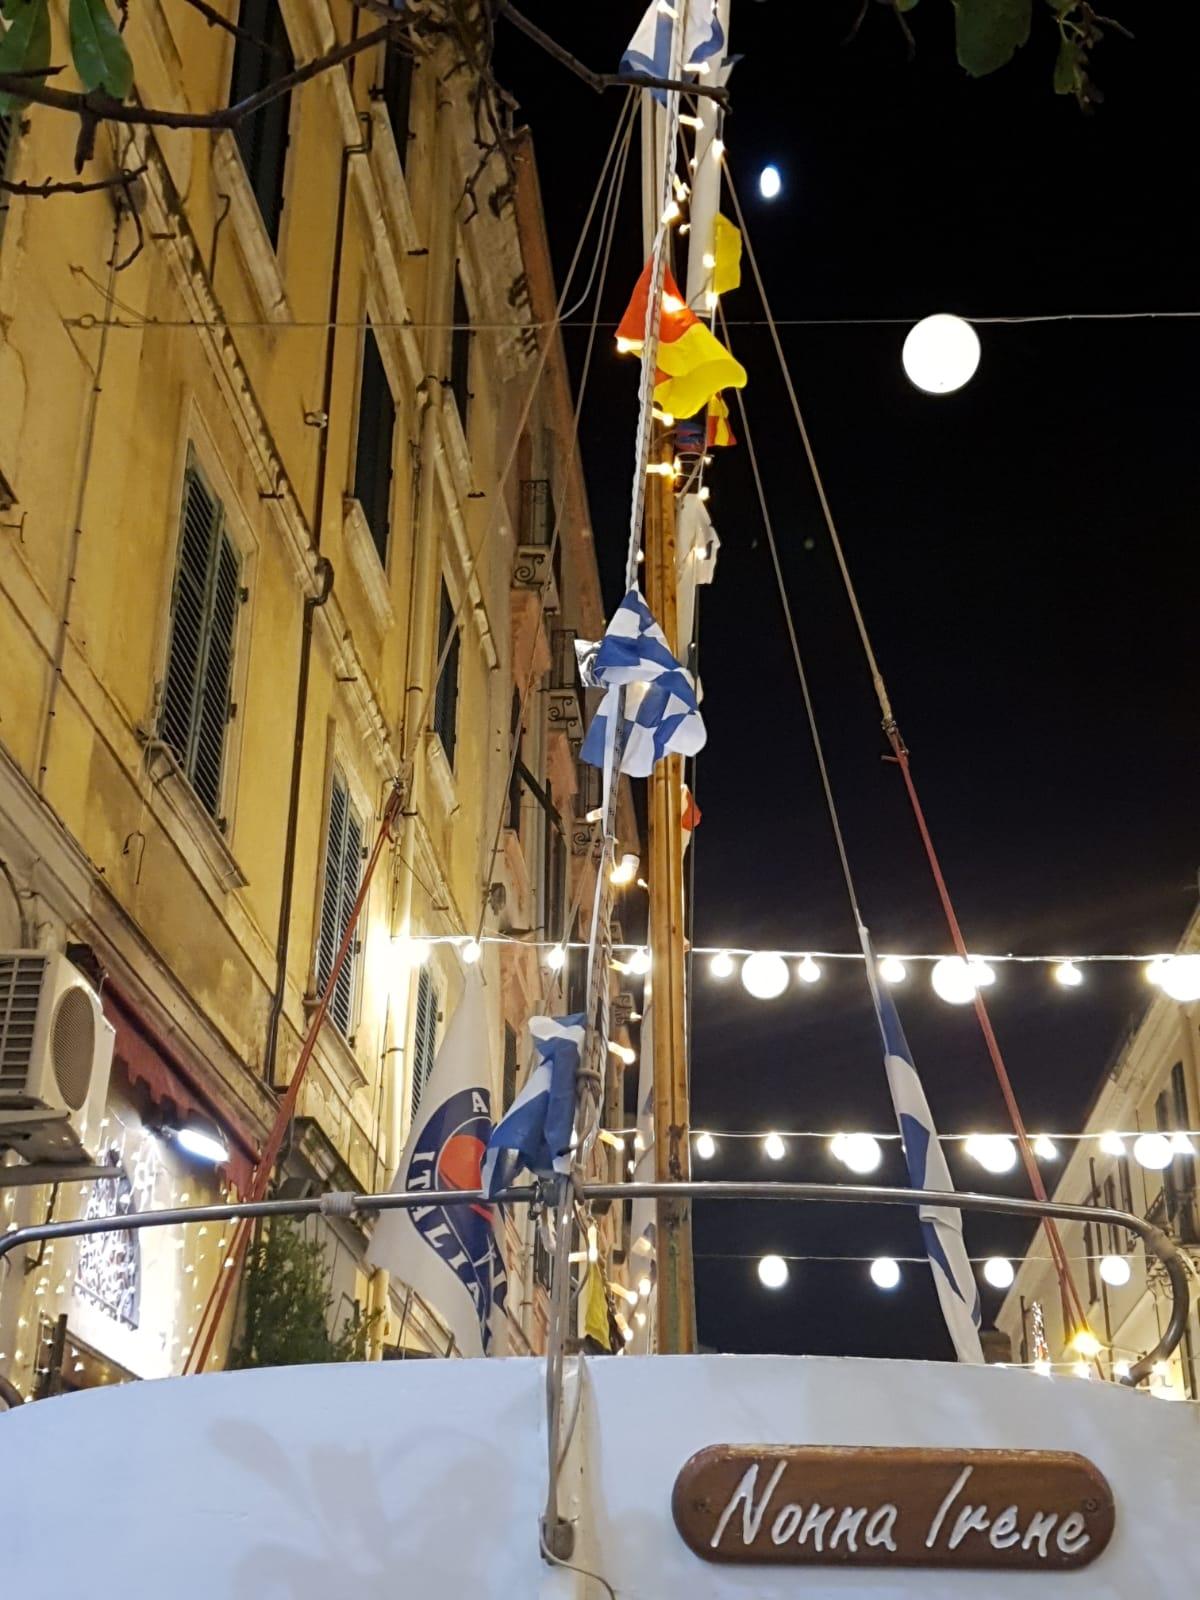 galleria Cavour - Vela latina in centro a Sassari